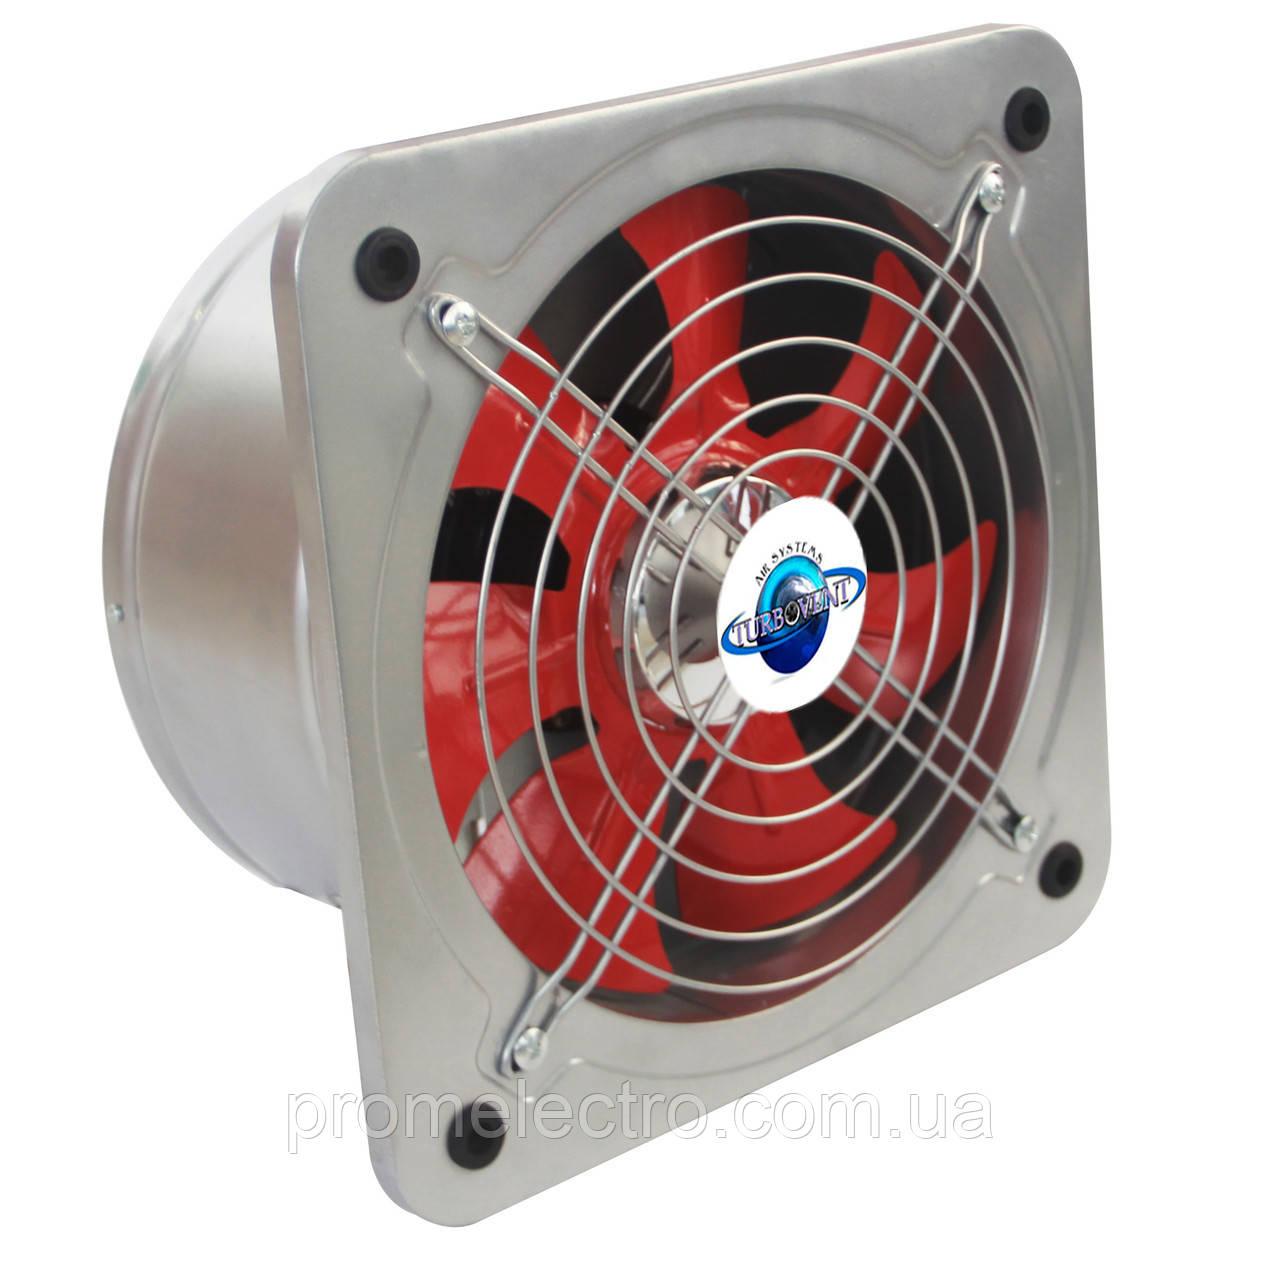 Настенные вентиляторы с обратным клапаном Турбовент НОК 200